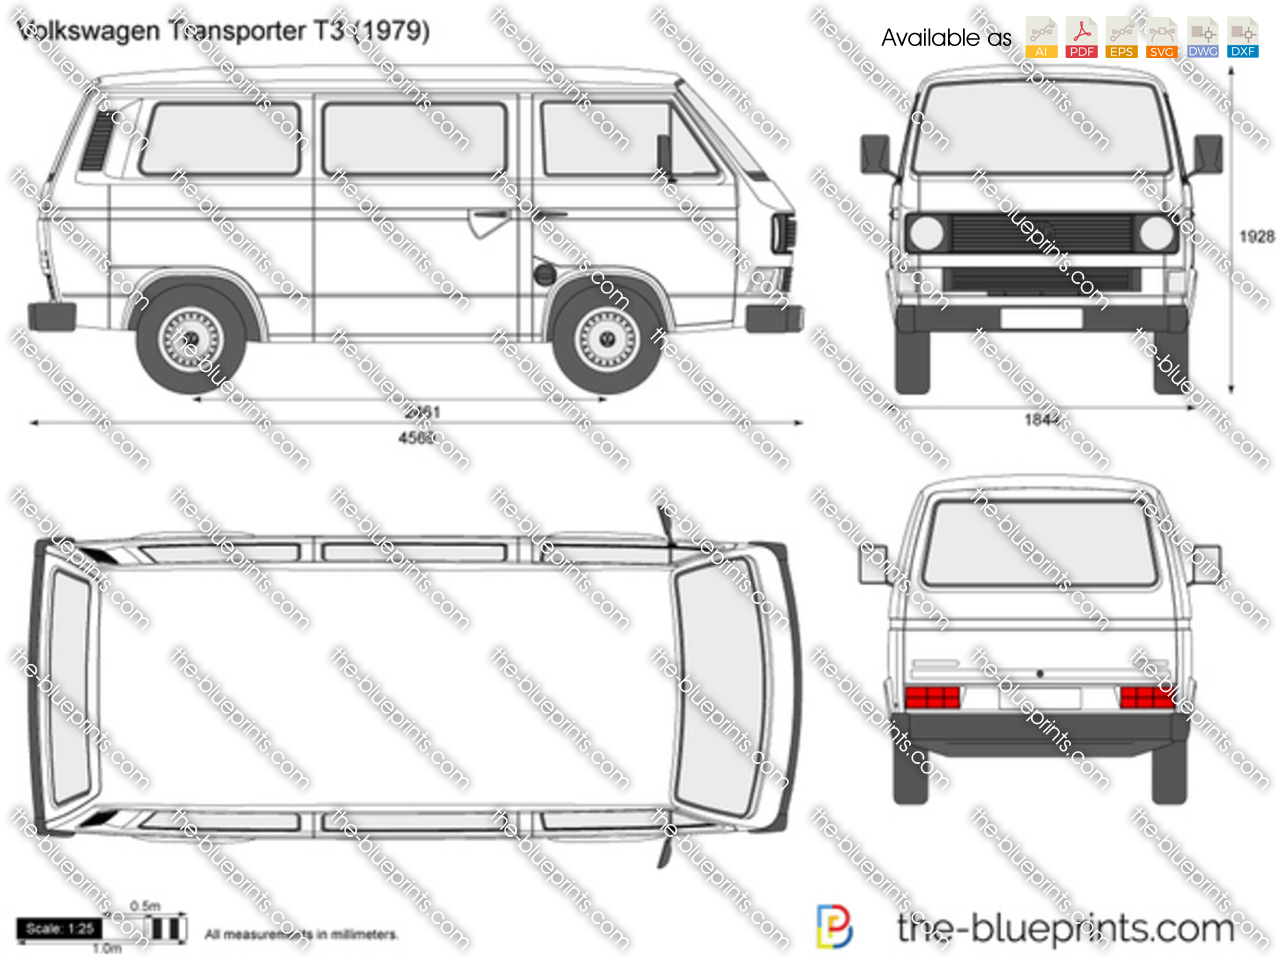 Volkswagen Transporter T3 1980